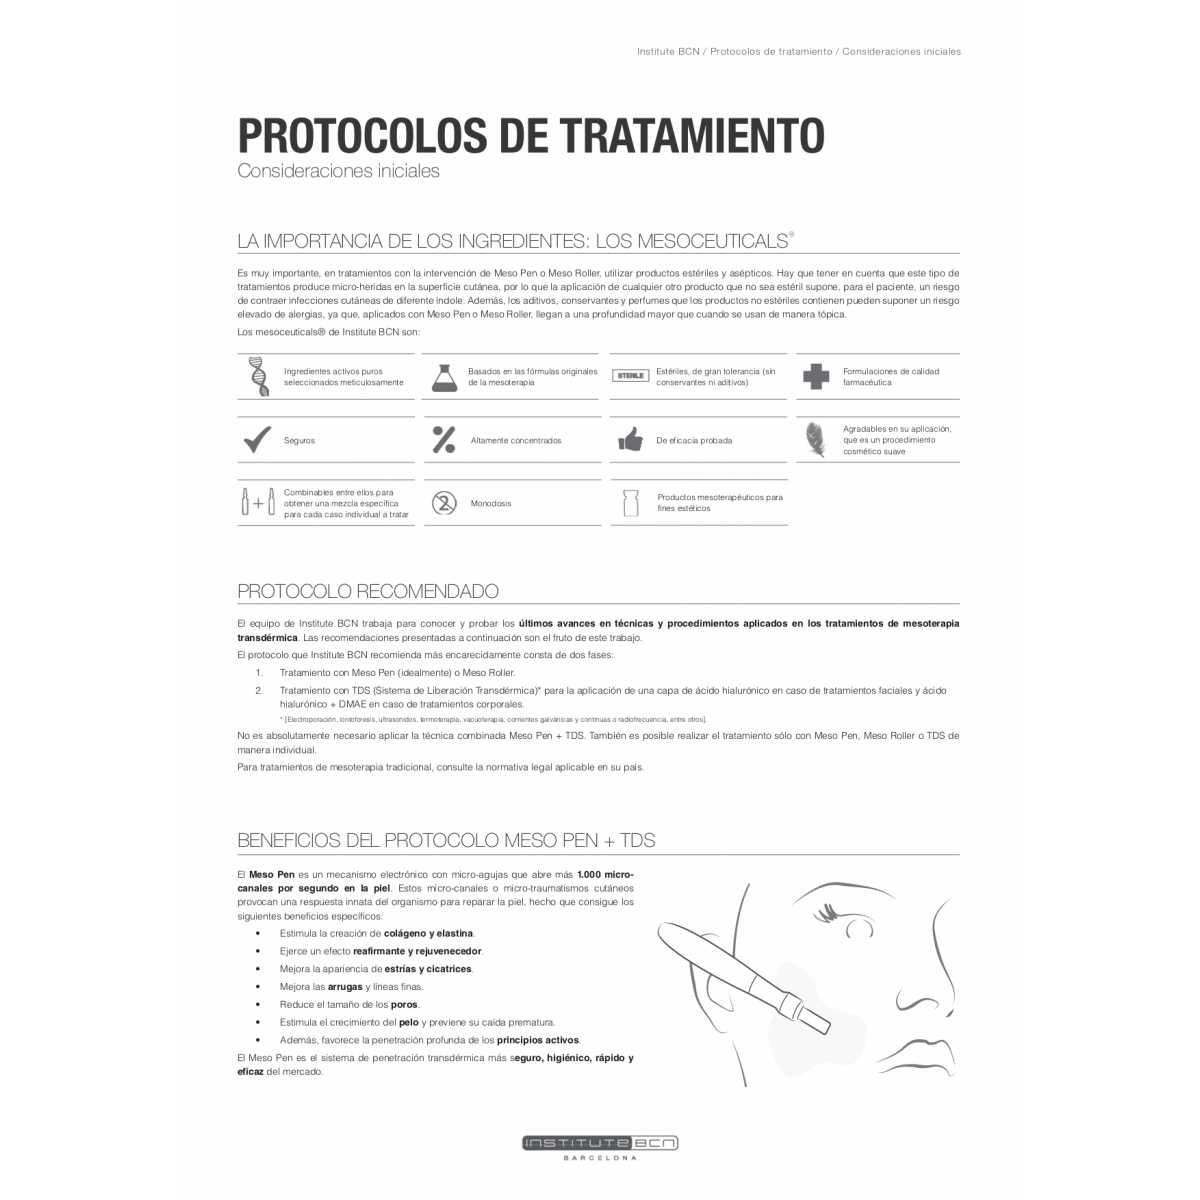 Ginkgo Biloba - Soluzione anti cellulite in blister - Principi attivi - Institute BCN